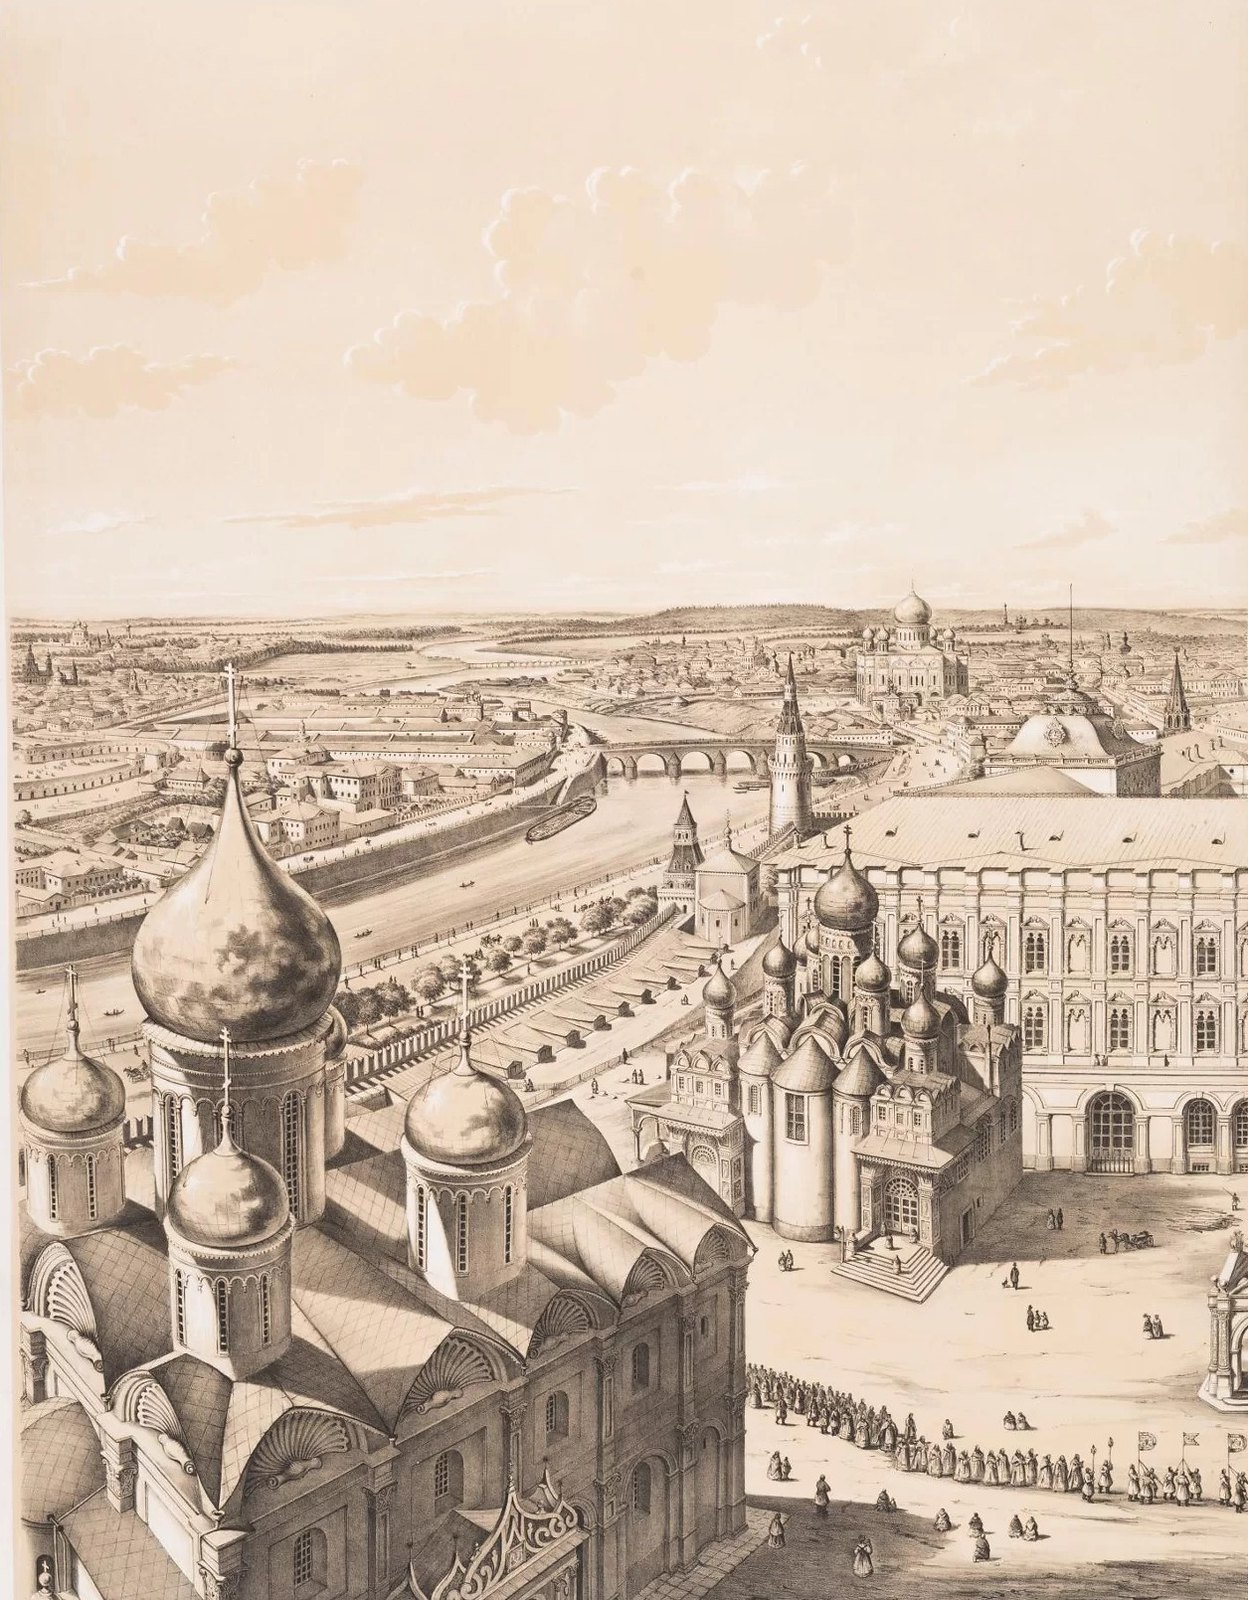 07. Панорама Москвы с колокольни Ивана Великого. Южная часть города. (Вид в сторону Замоскворечья)